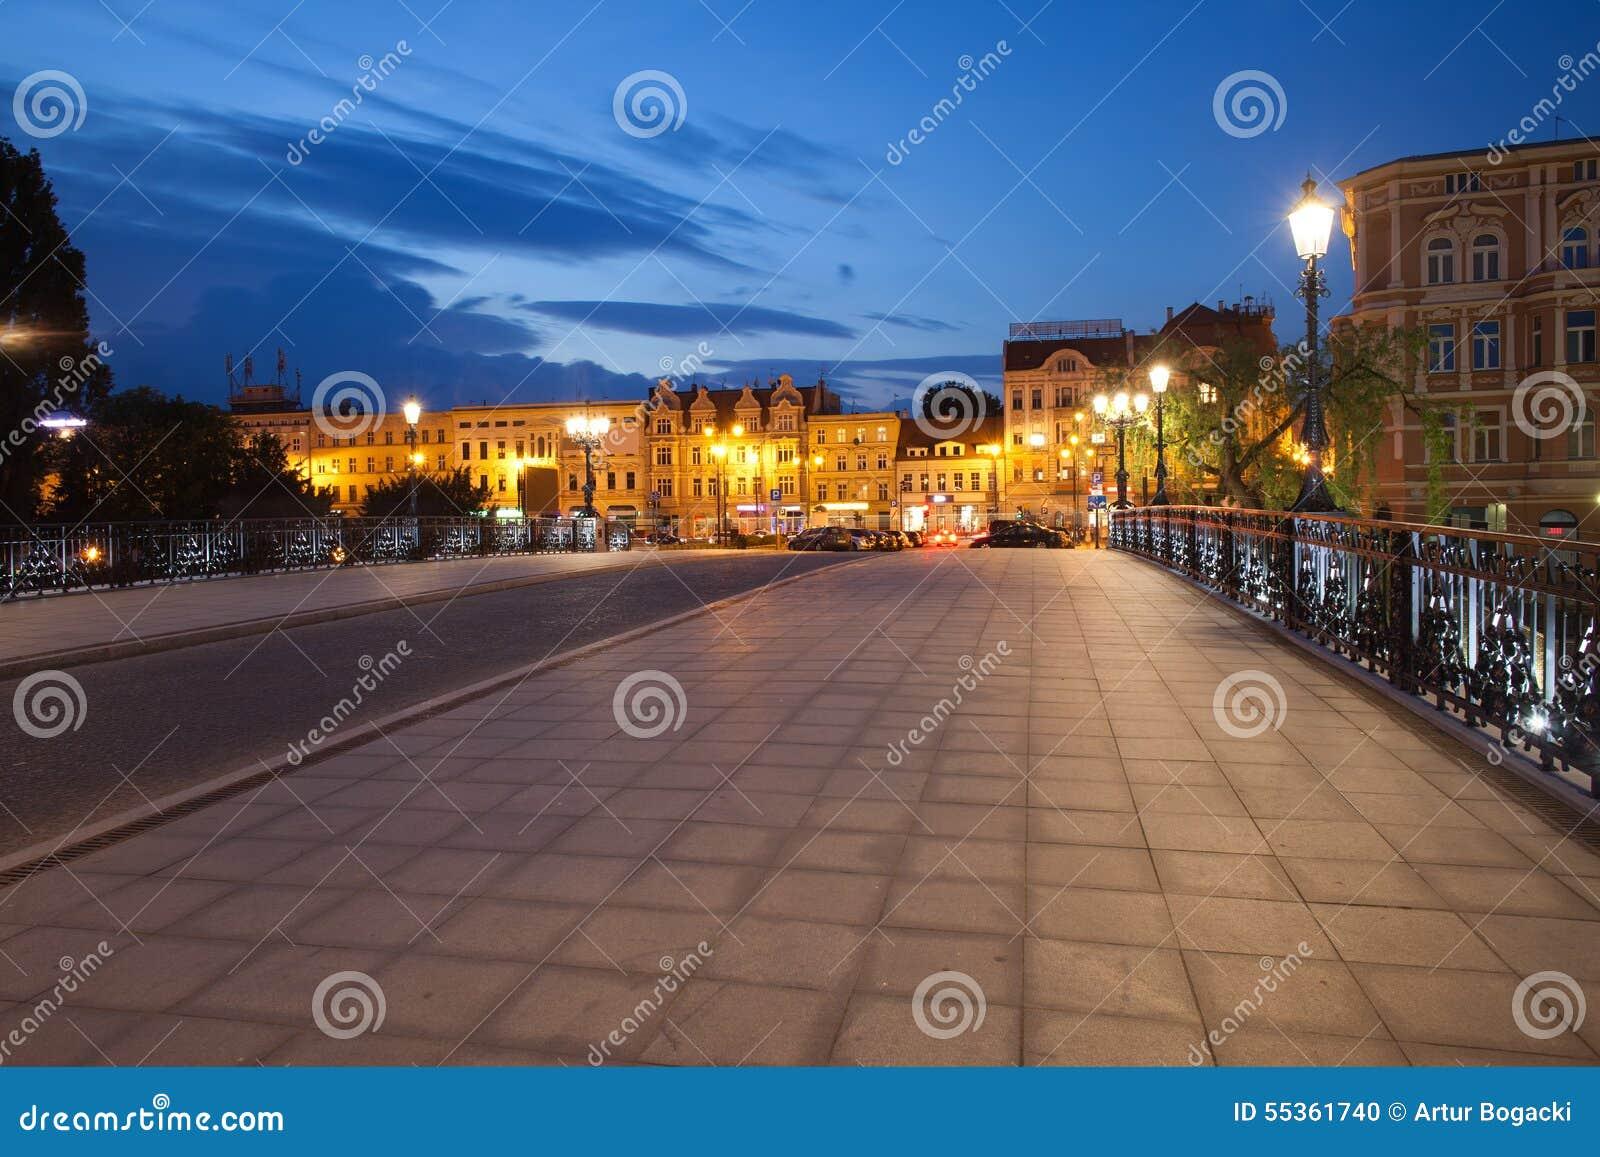 Orizzonte della città di Bydgoszcz di notte in Polonia